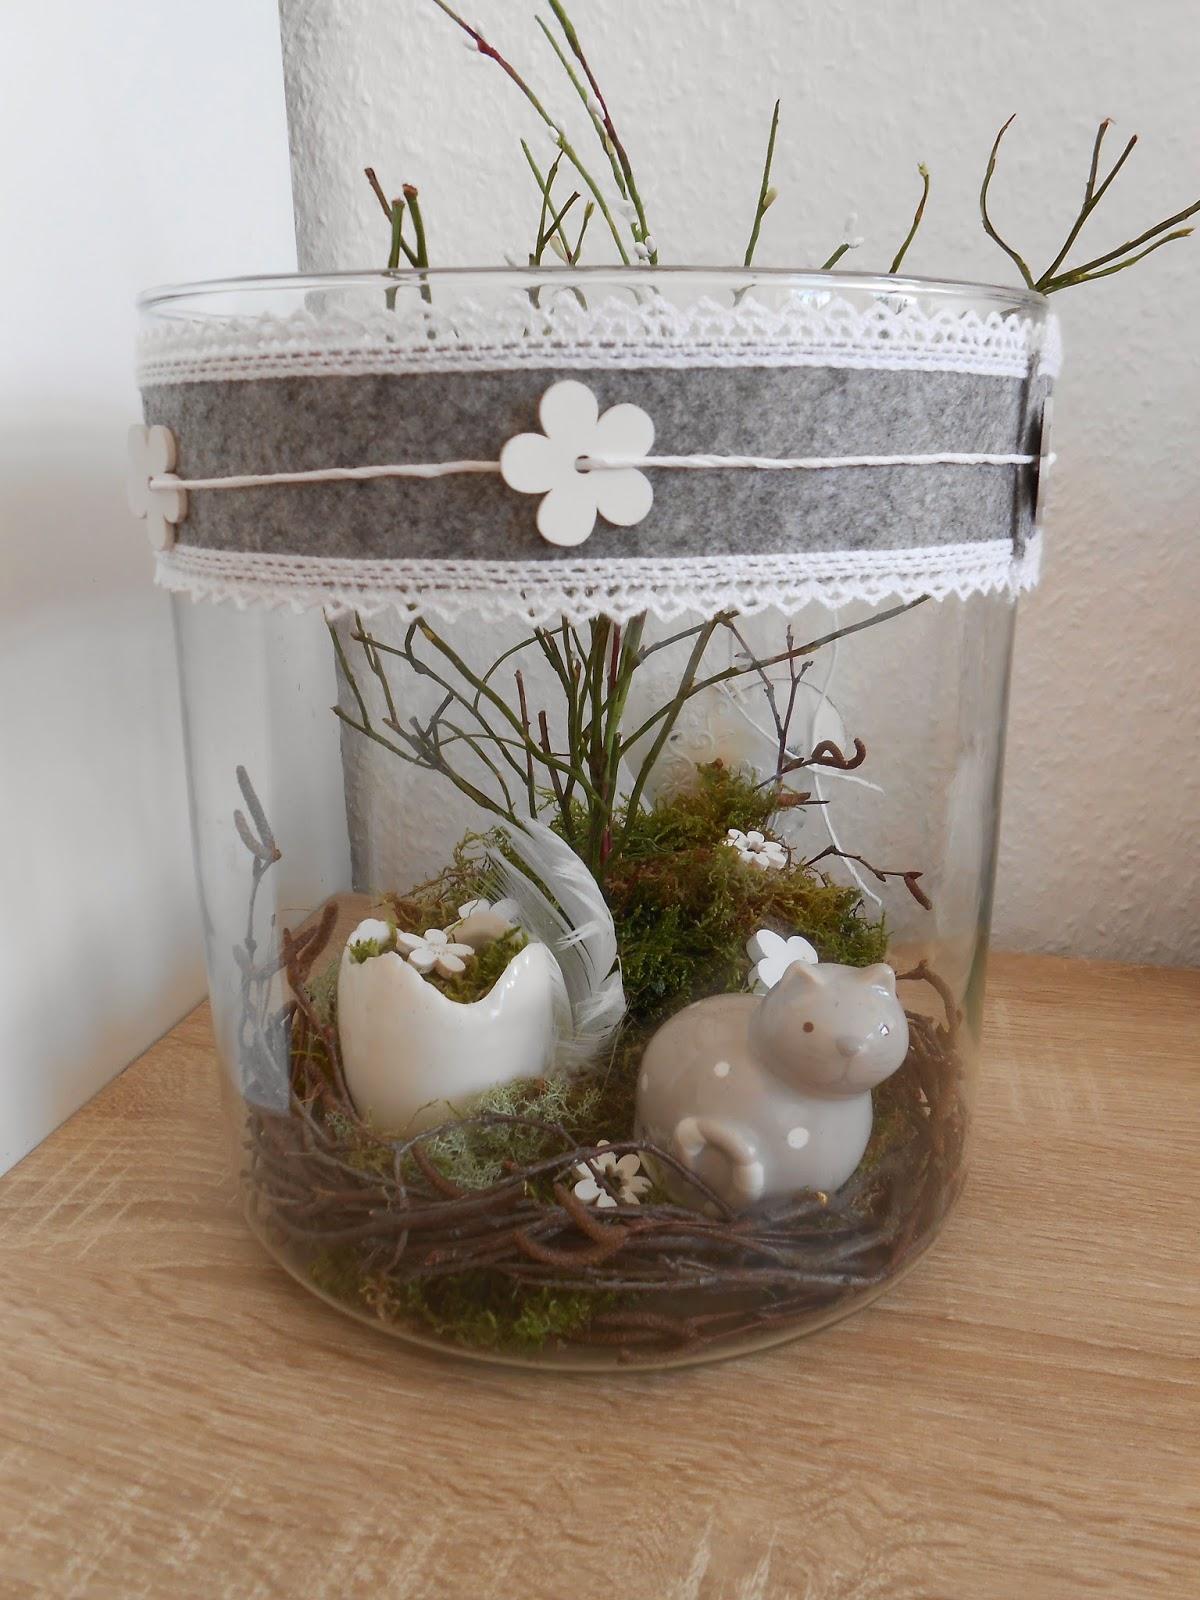 Virka keps allerlei fr hlingsdeko im glas - Glas dekorieren ...